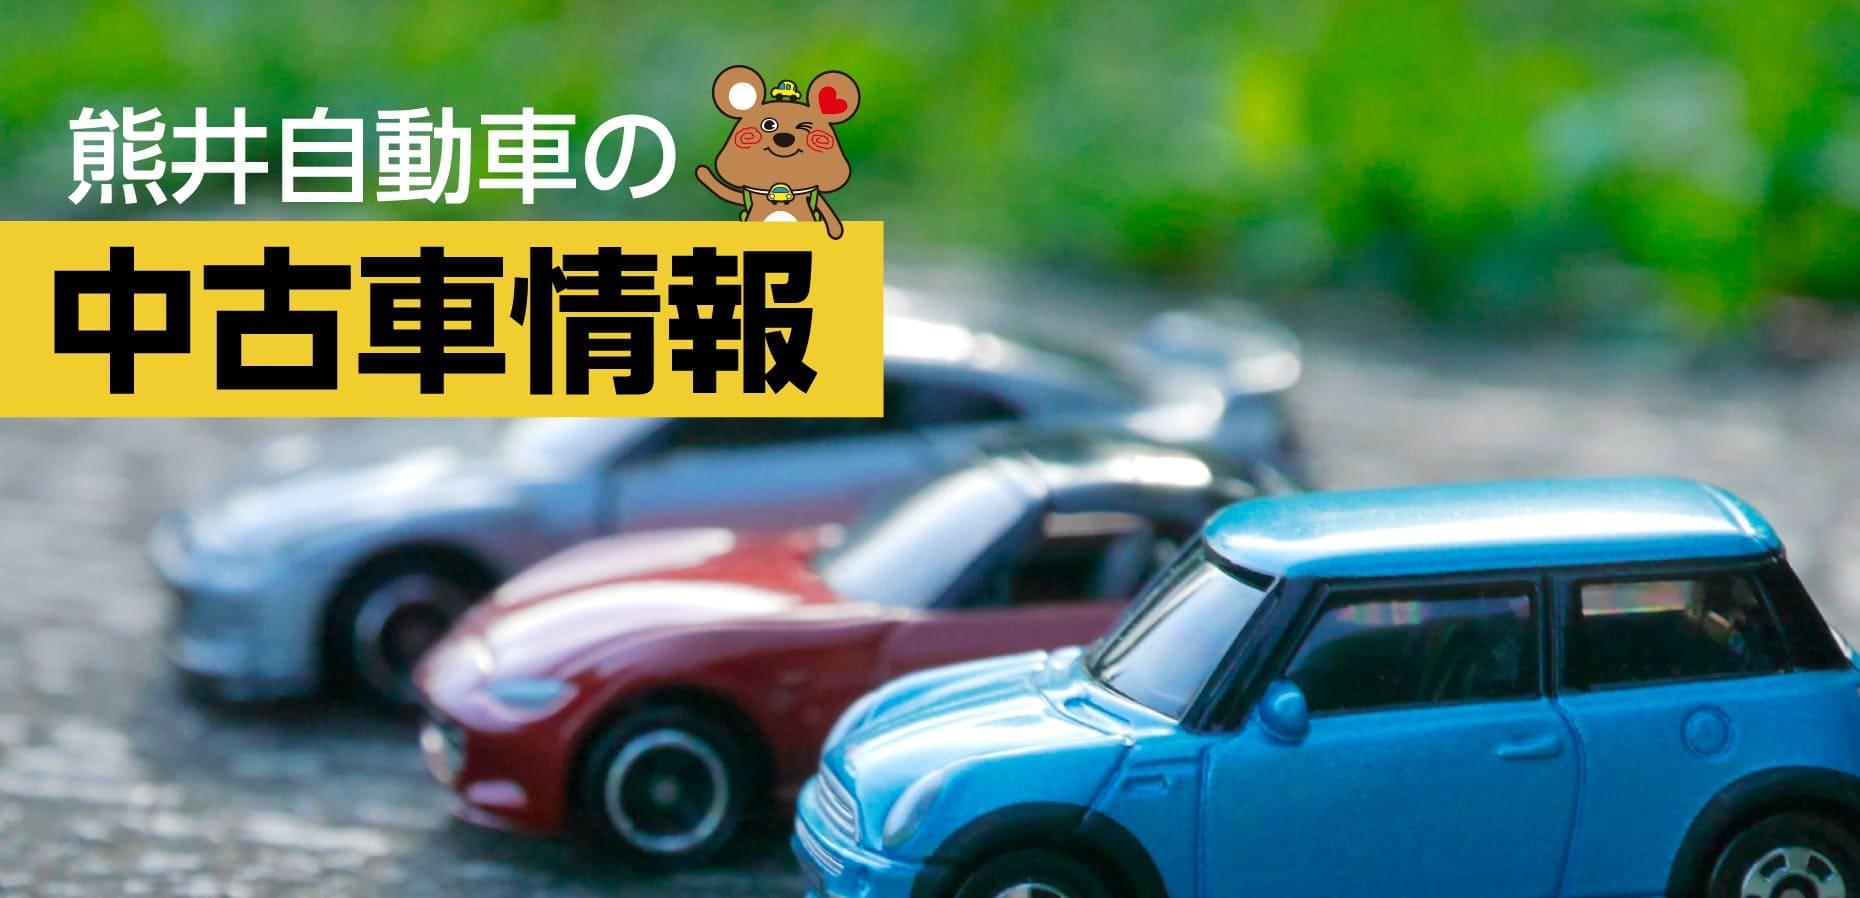 熊井自動車中古車情報